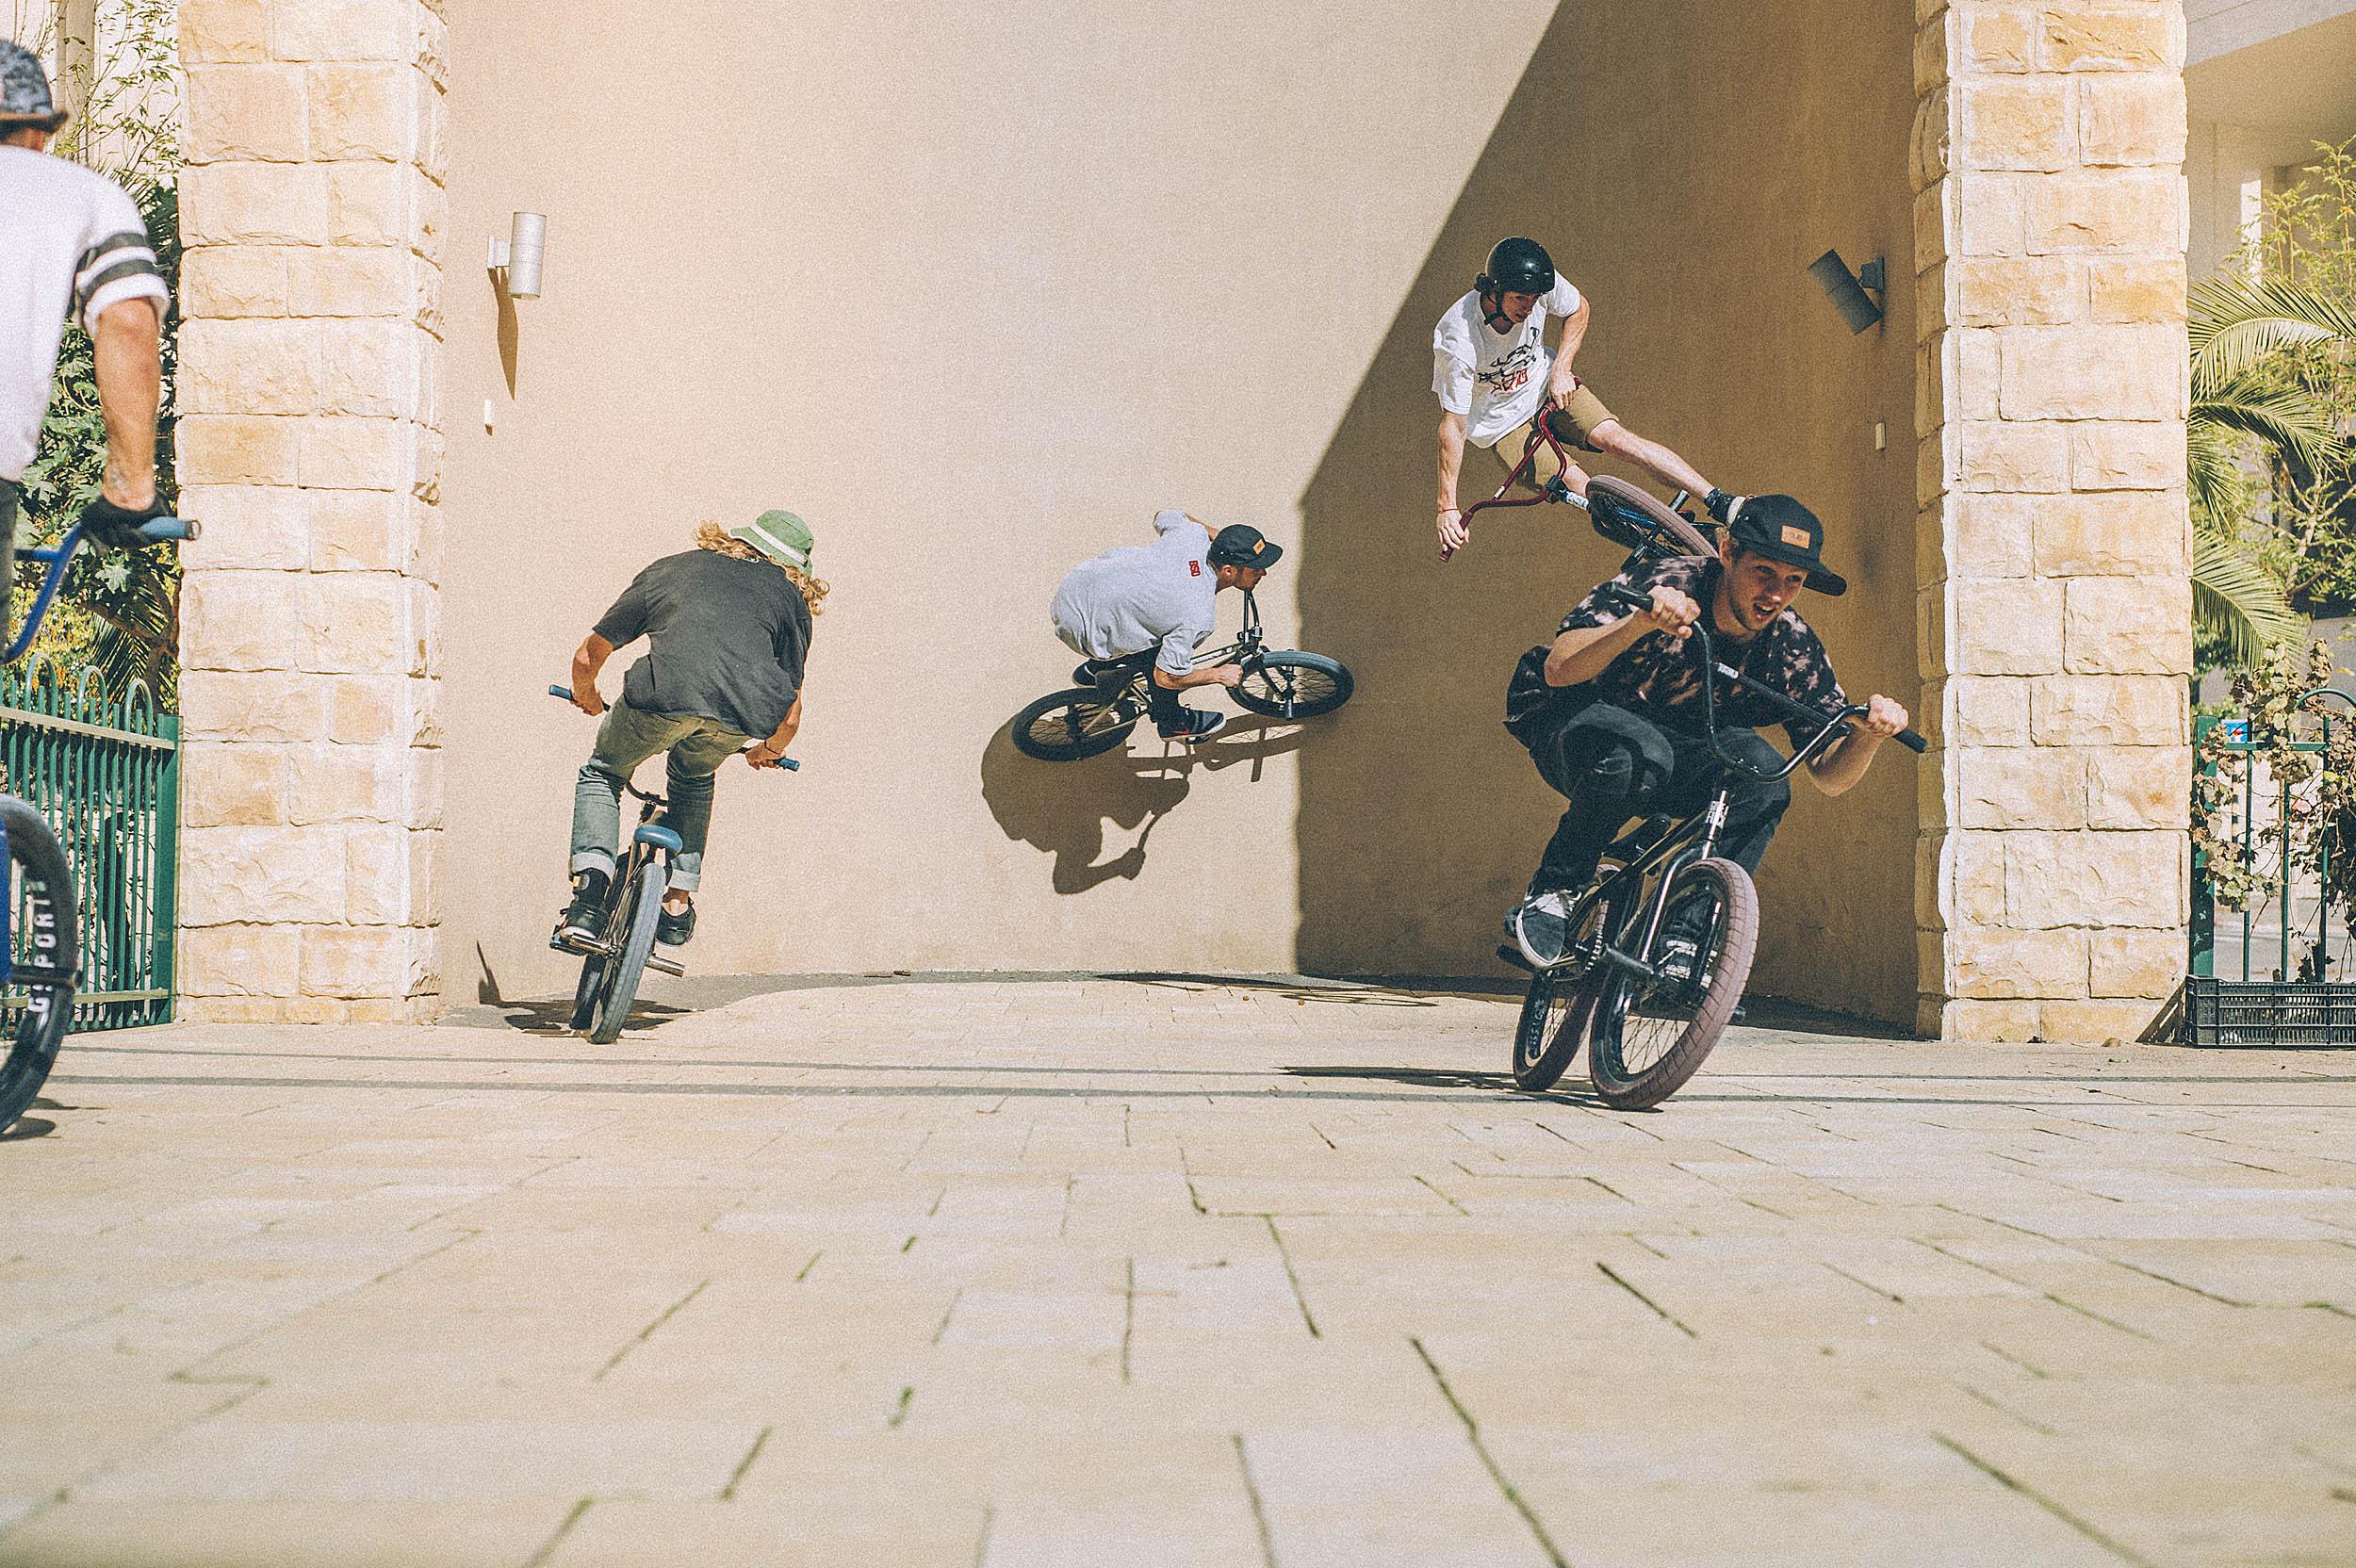 BSD team for DIG BMX Magazine - Ashdod, Israel